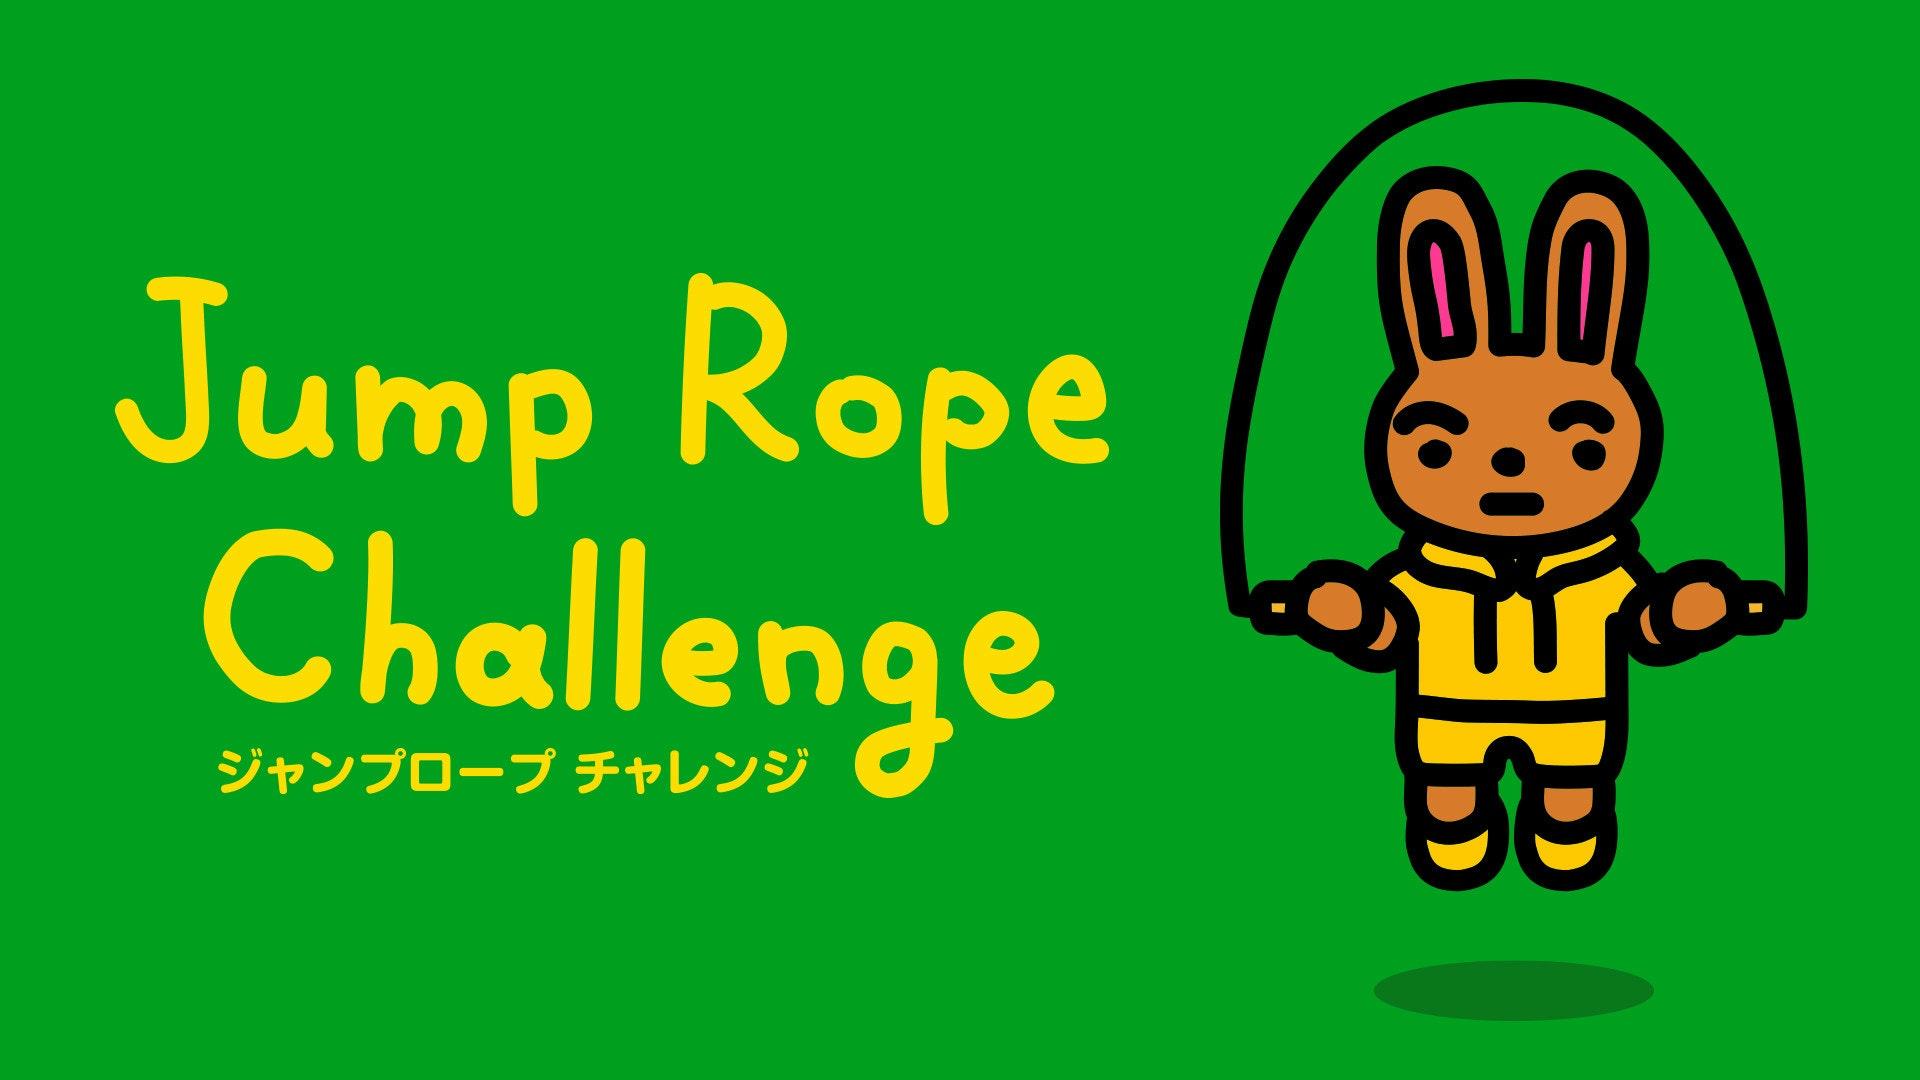 照片中提到了Jump Rope、Challenge、ジャンプロープチャレンジ,包含了跳繩、任天堂Switch、跳繩、任天堂、任天堂